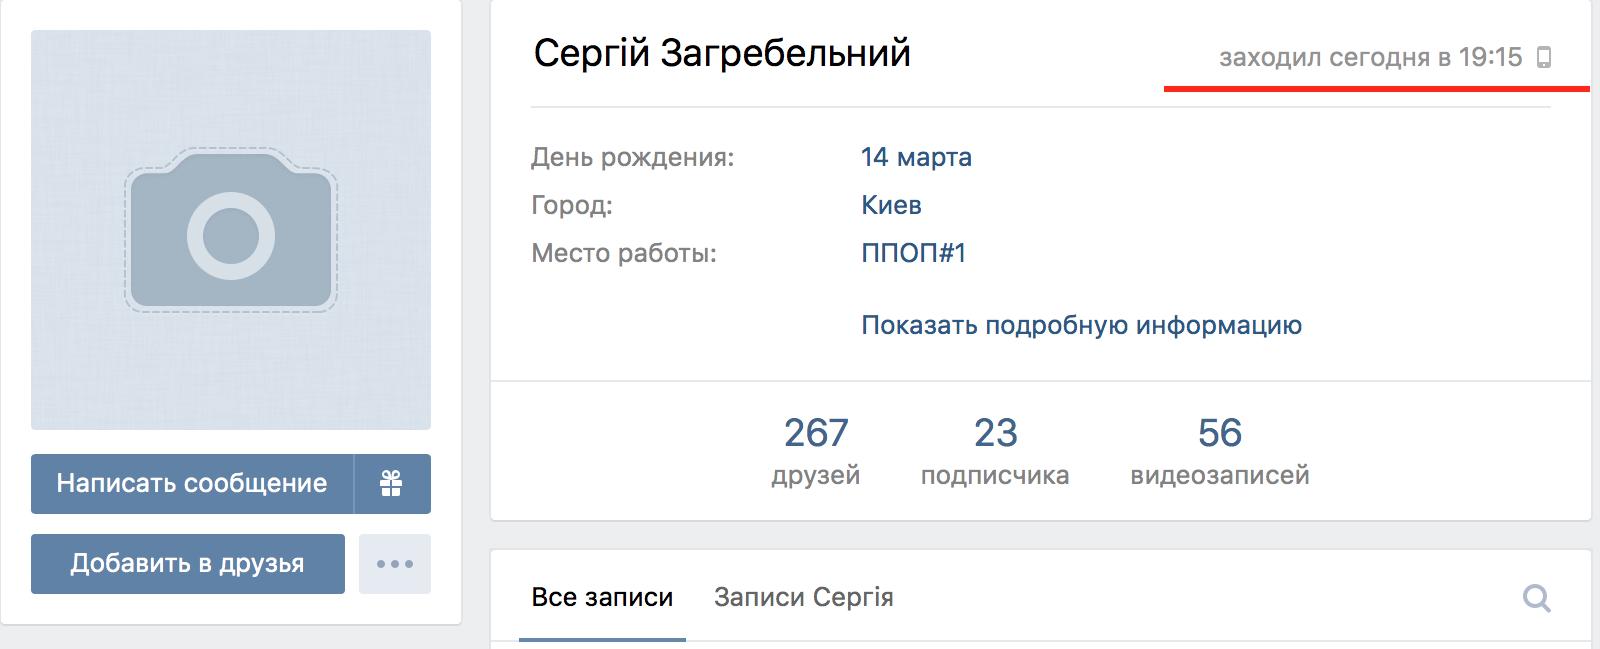 Страница Сергея Загребельного